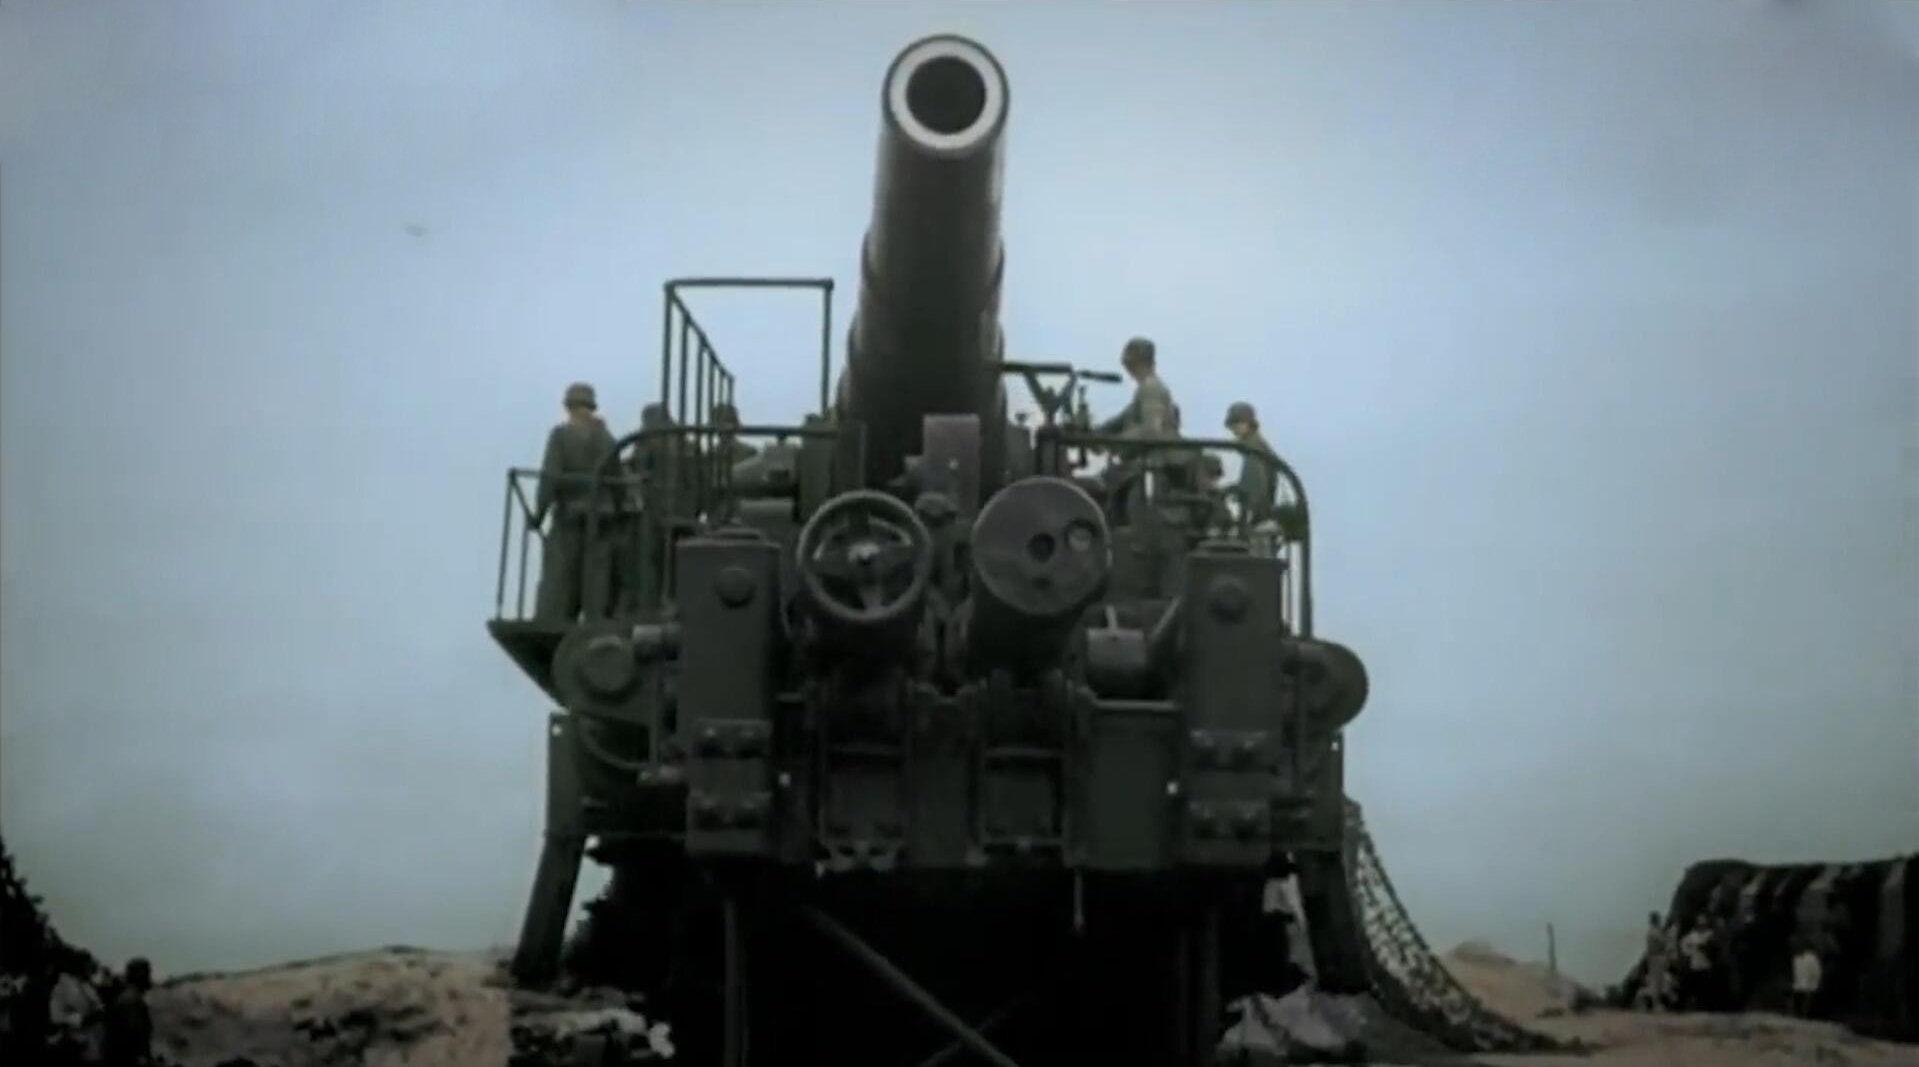 纪录片镜头下的1944诺曼底登陆,一场被称为二战电影的真实战争!